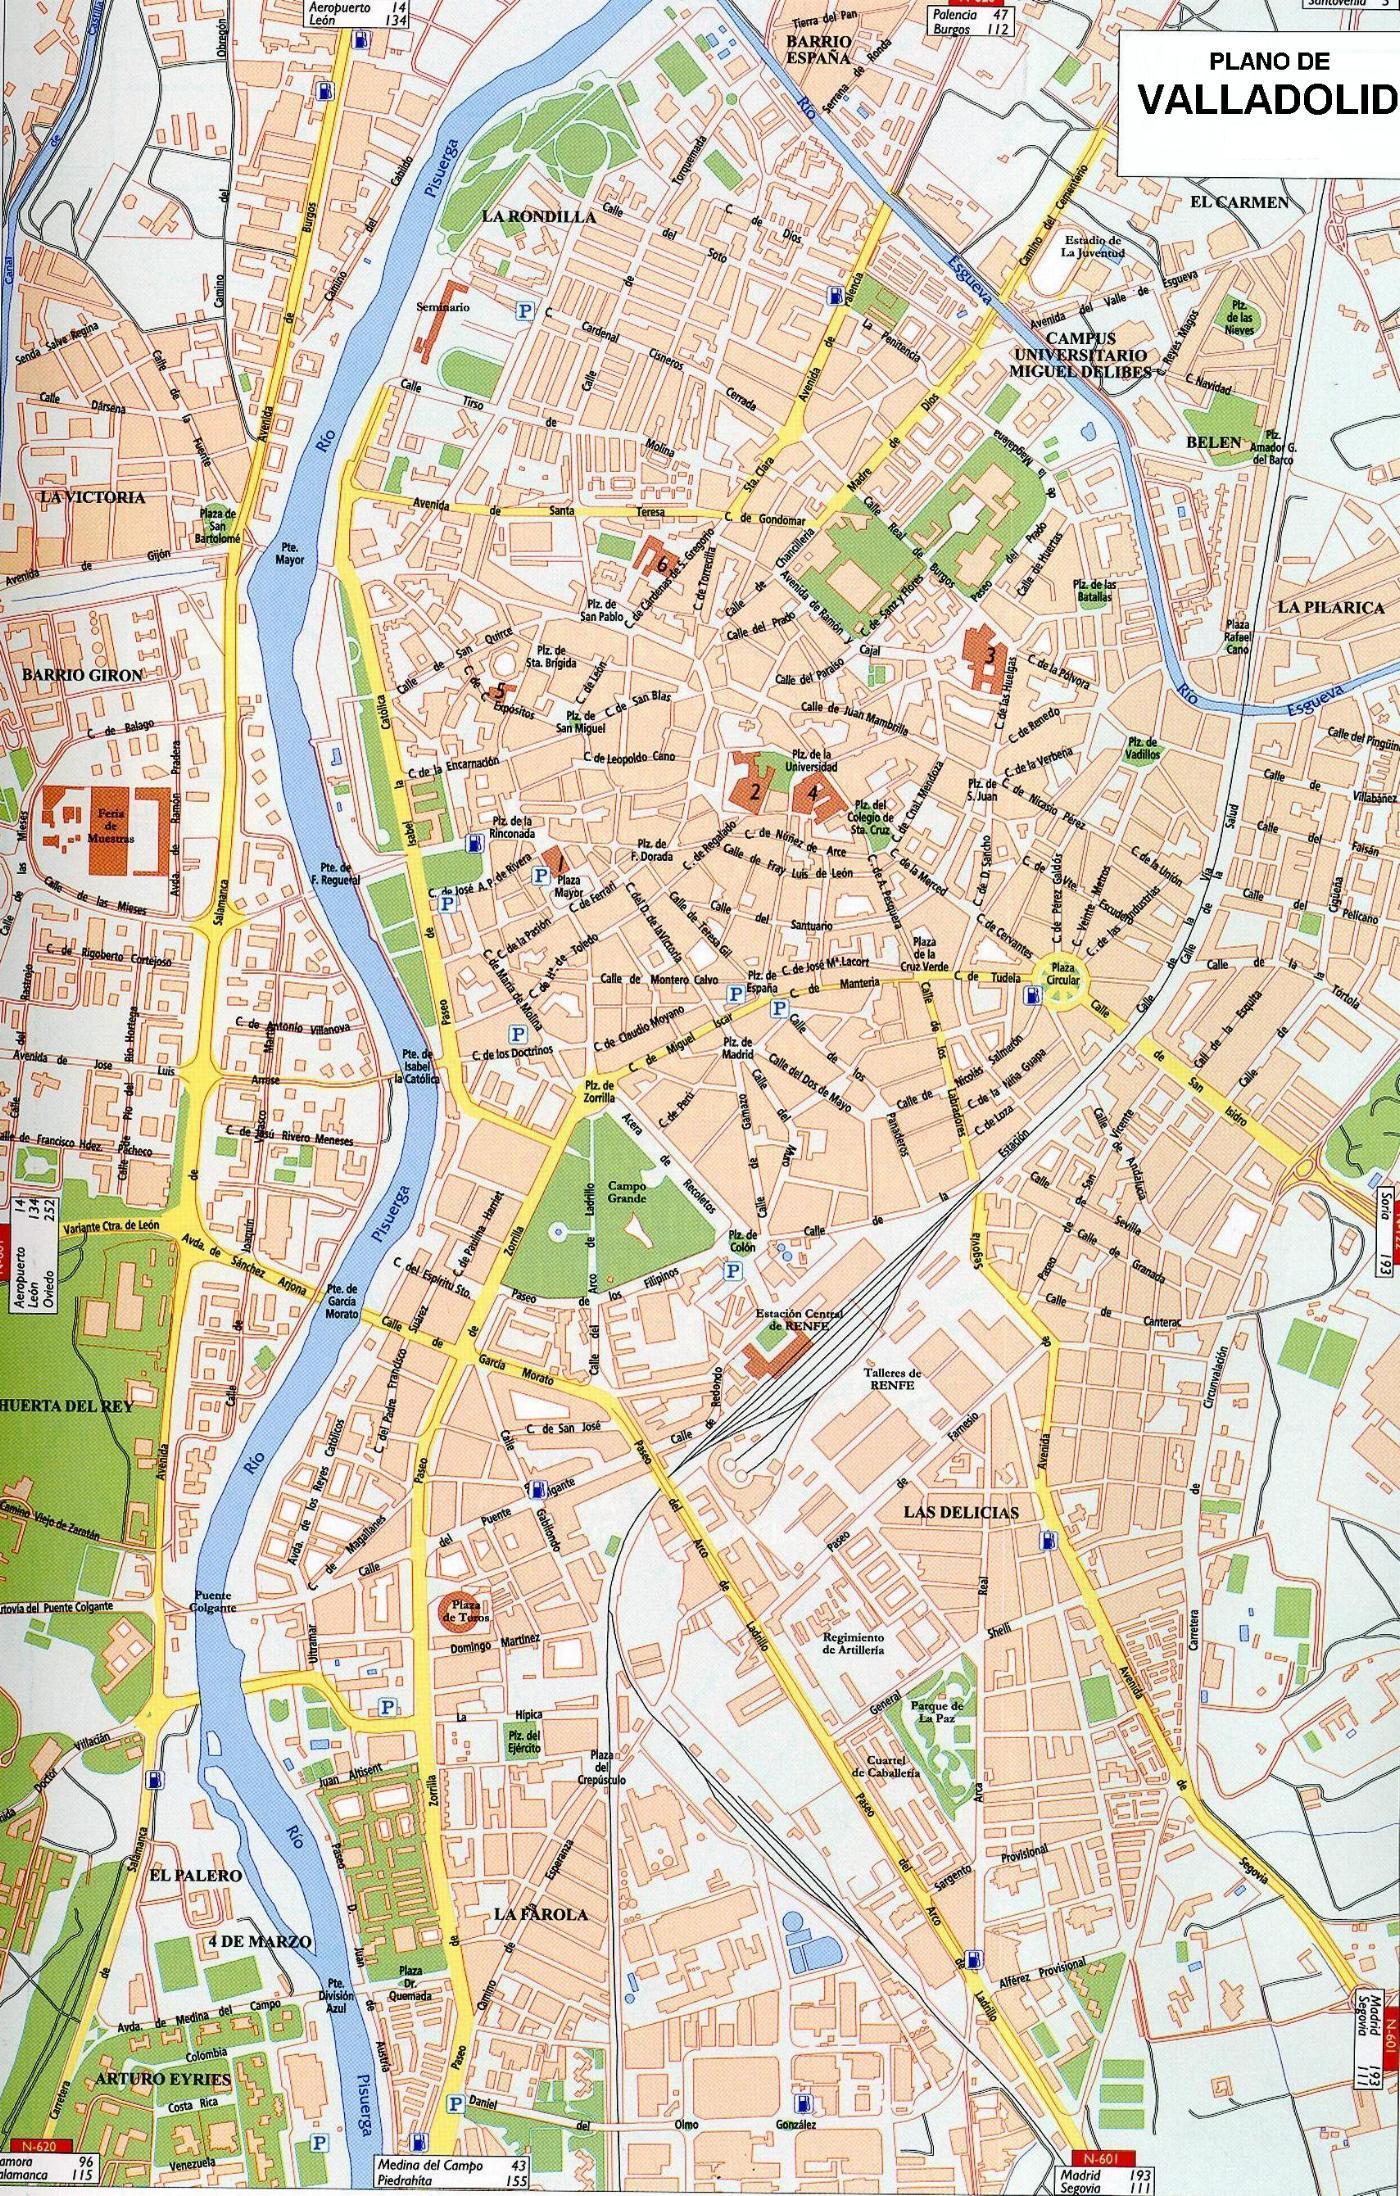 Valladolid web todo valladolid - Spa urbano valladolid ...